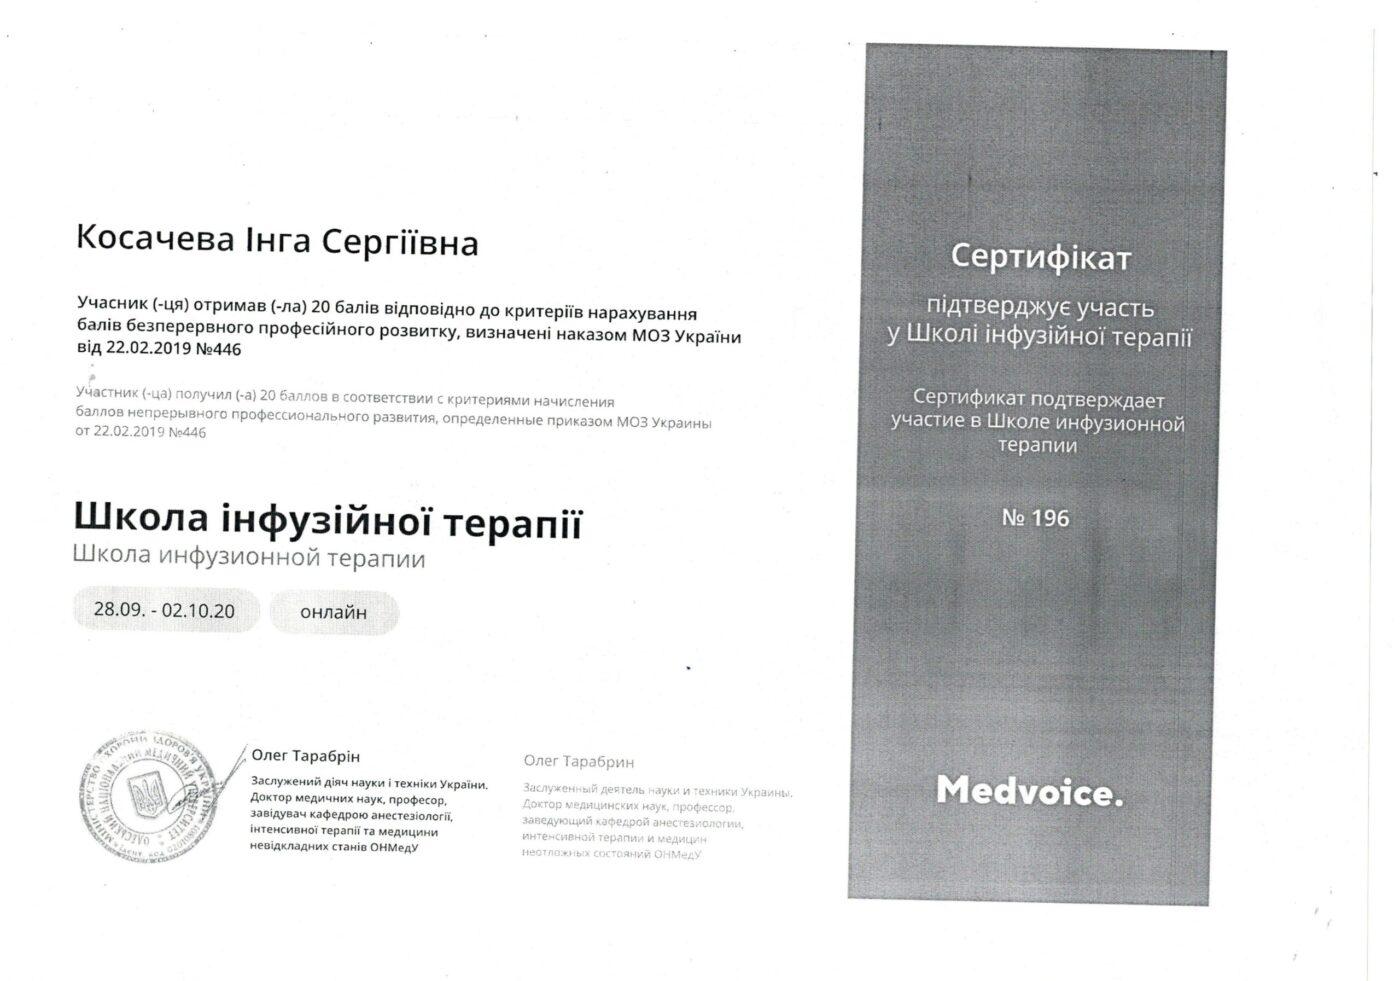 Сертификат подтверждающий участие Косачевой Инги в - инфузионной терапии